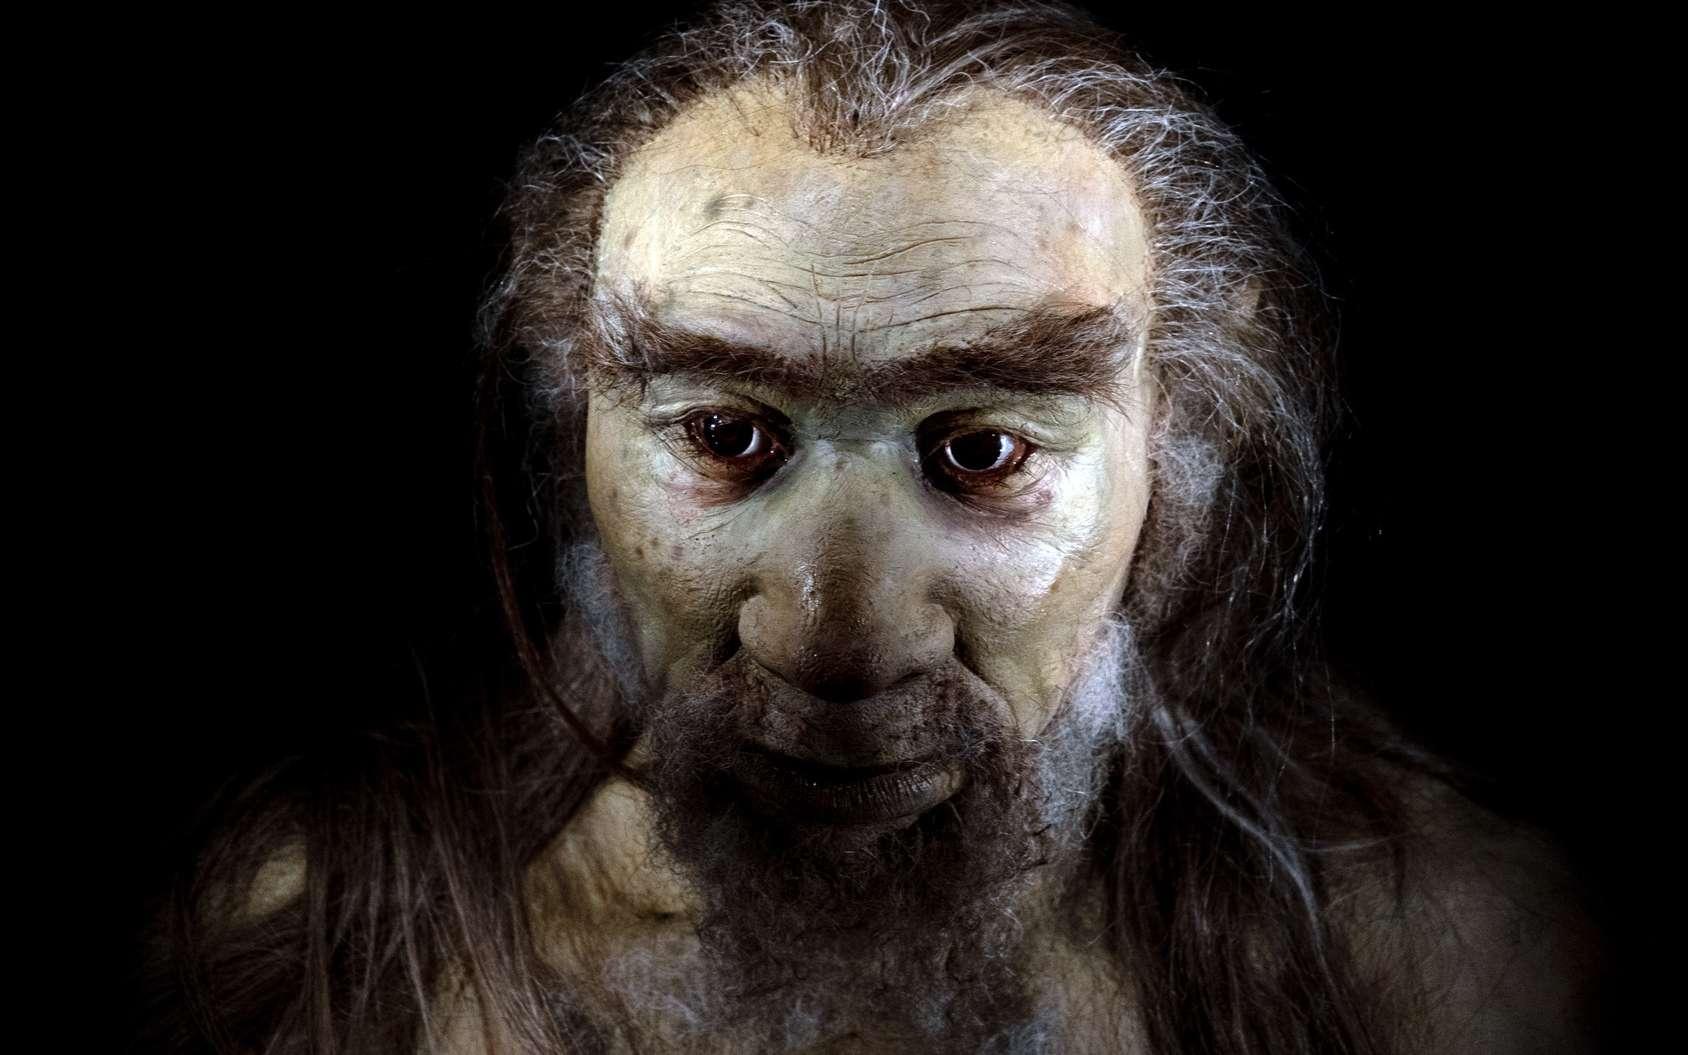 Les techniques modernes ont permis aux chercheurs de dater le plus ancien fossile d'Homo sapiens retrouvé hors d'Afrique. © Andrea Izzotti, Fotolia